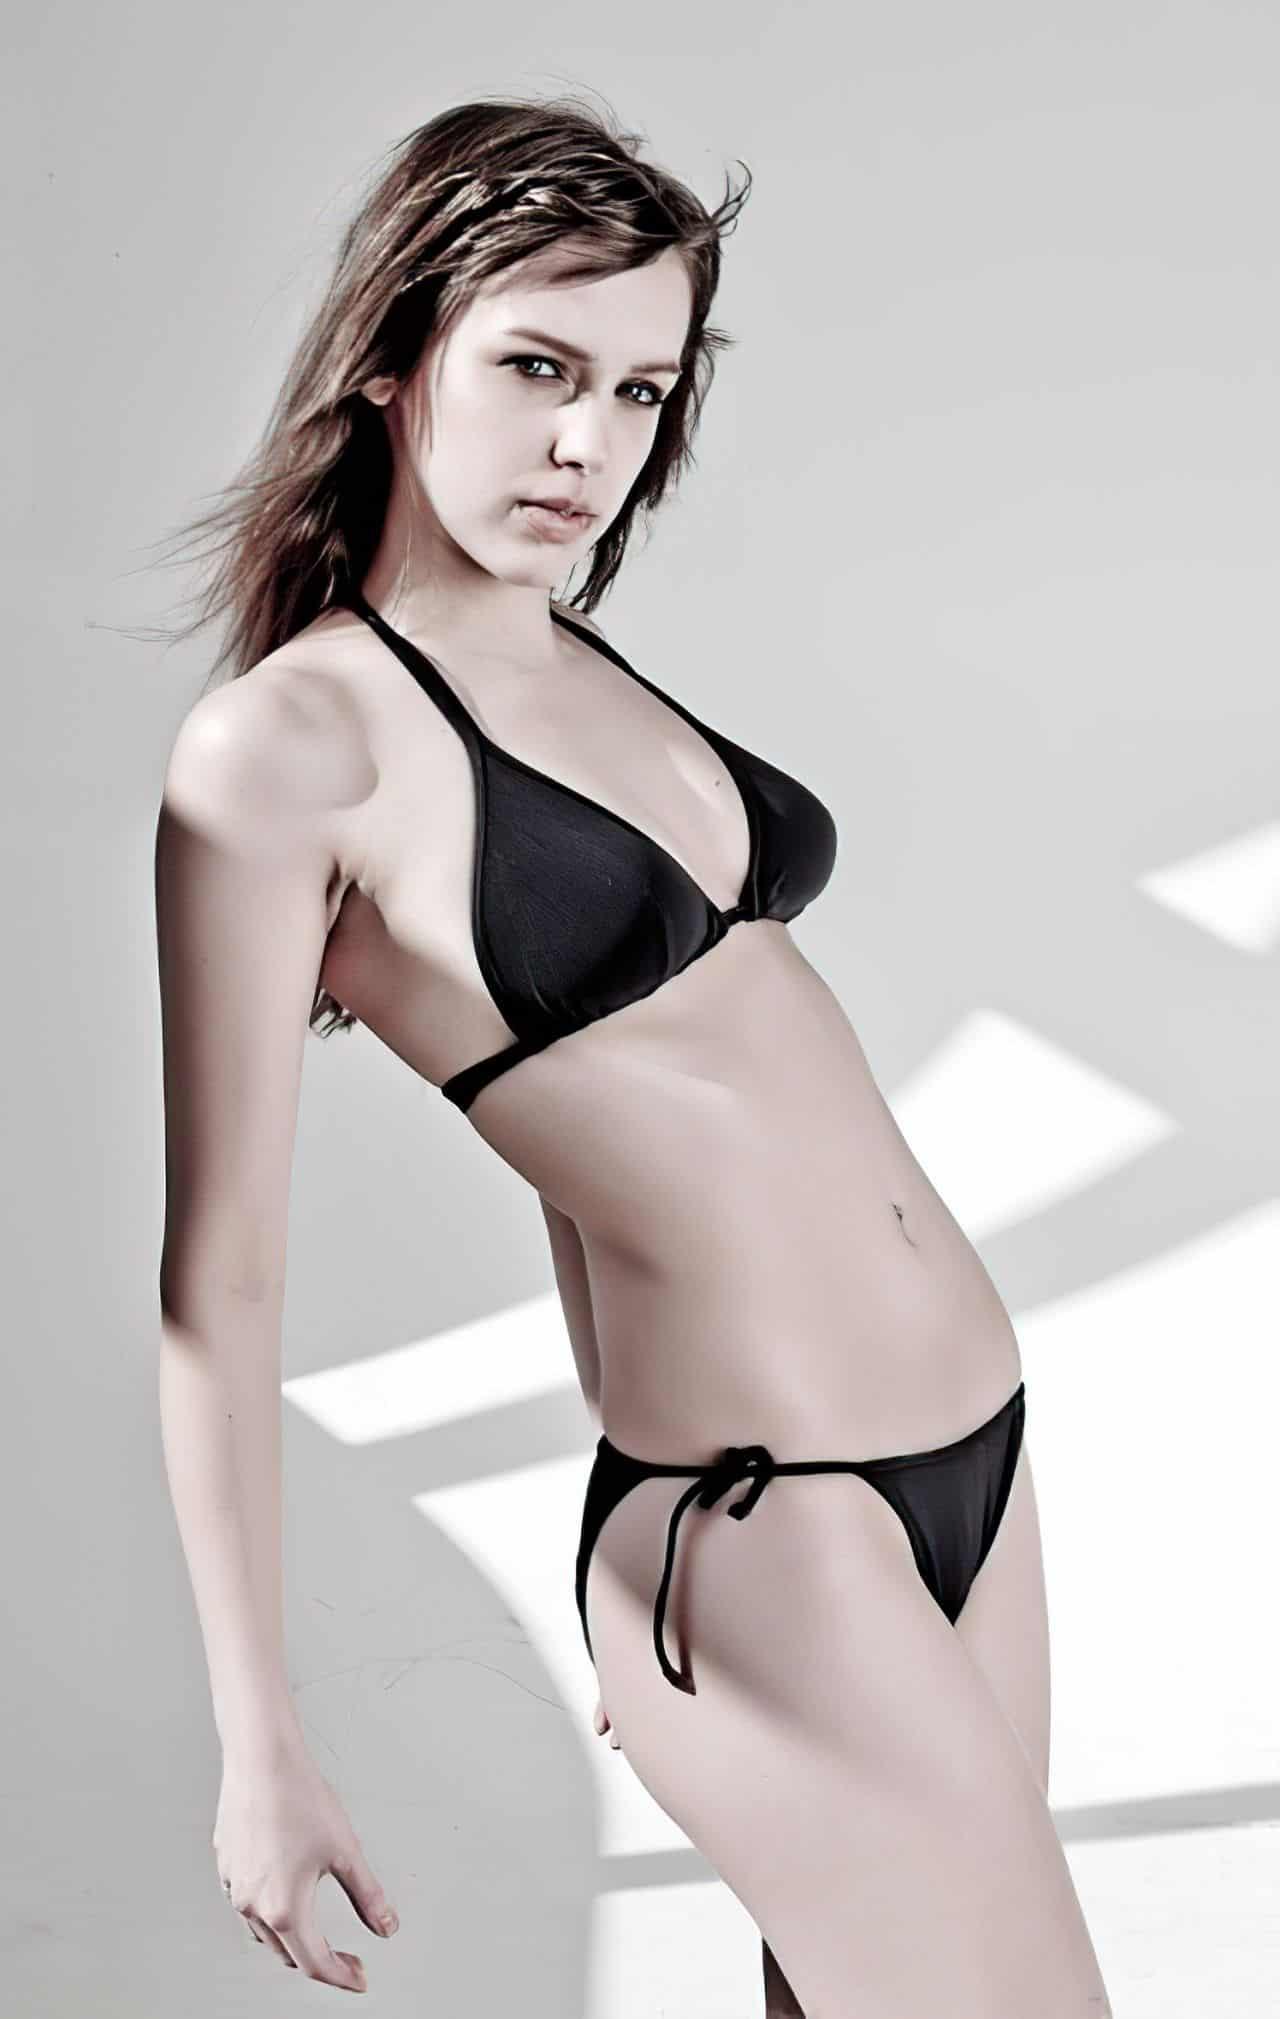 stefanie joosten bikini enlarged